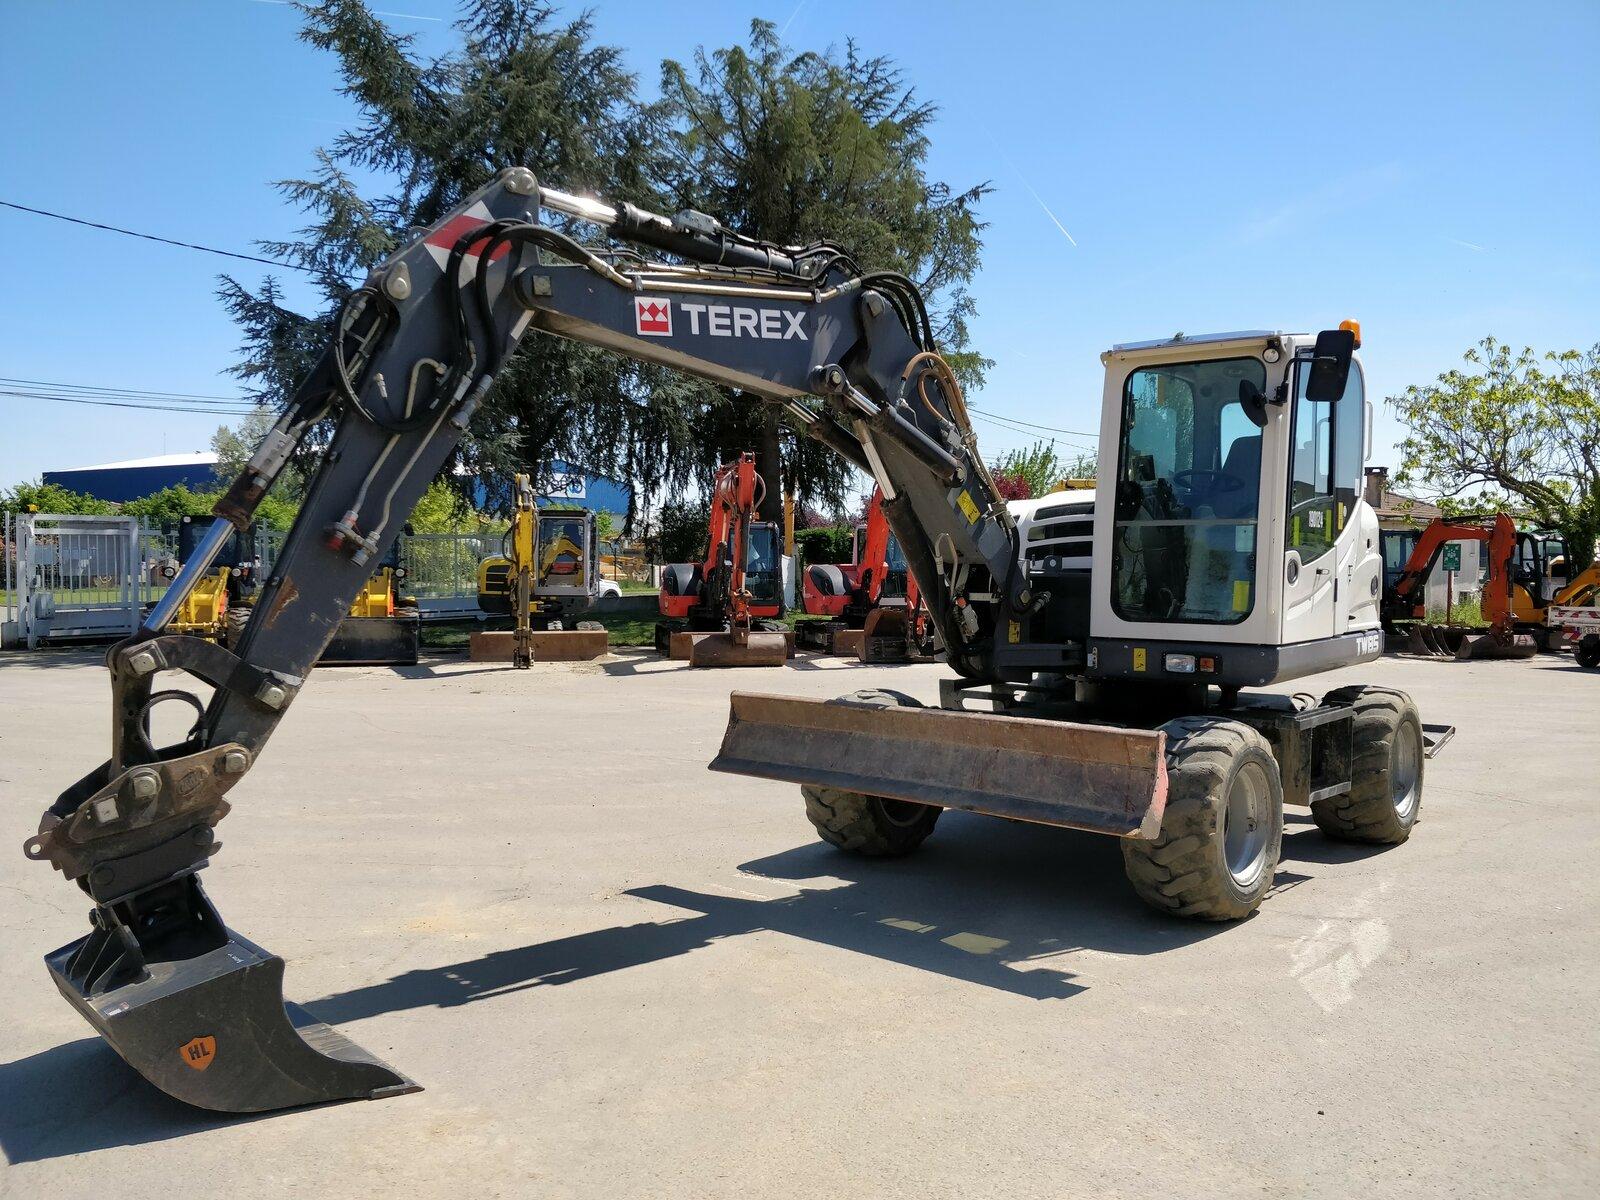 Wheel excavator TEREX TW85